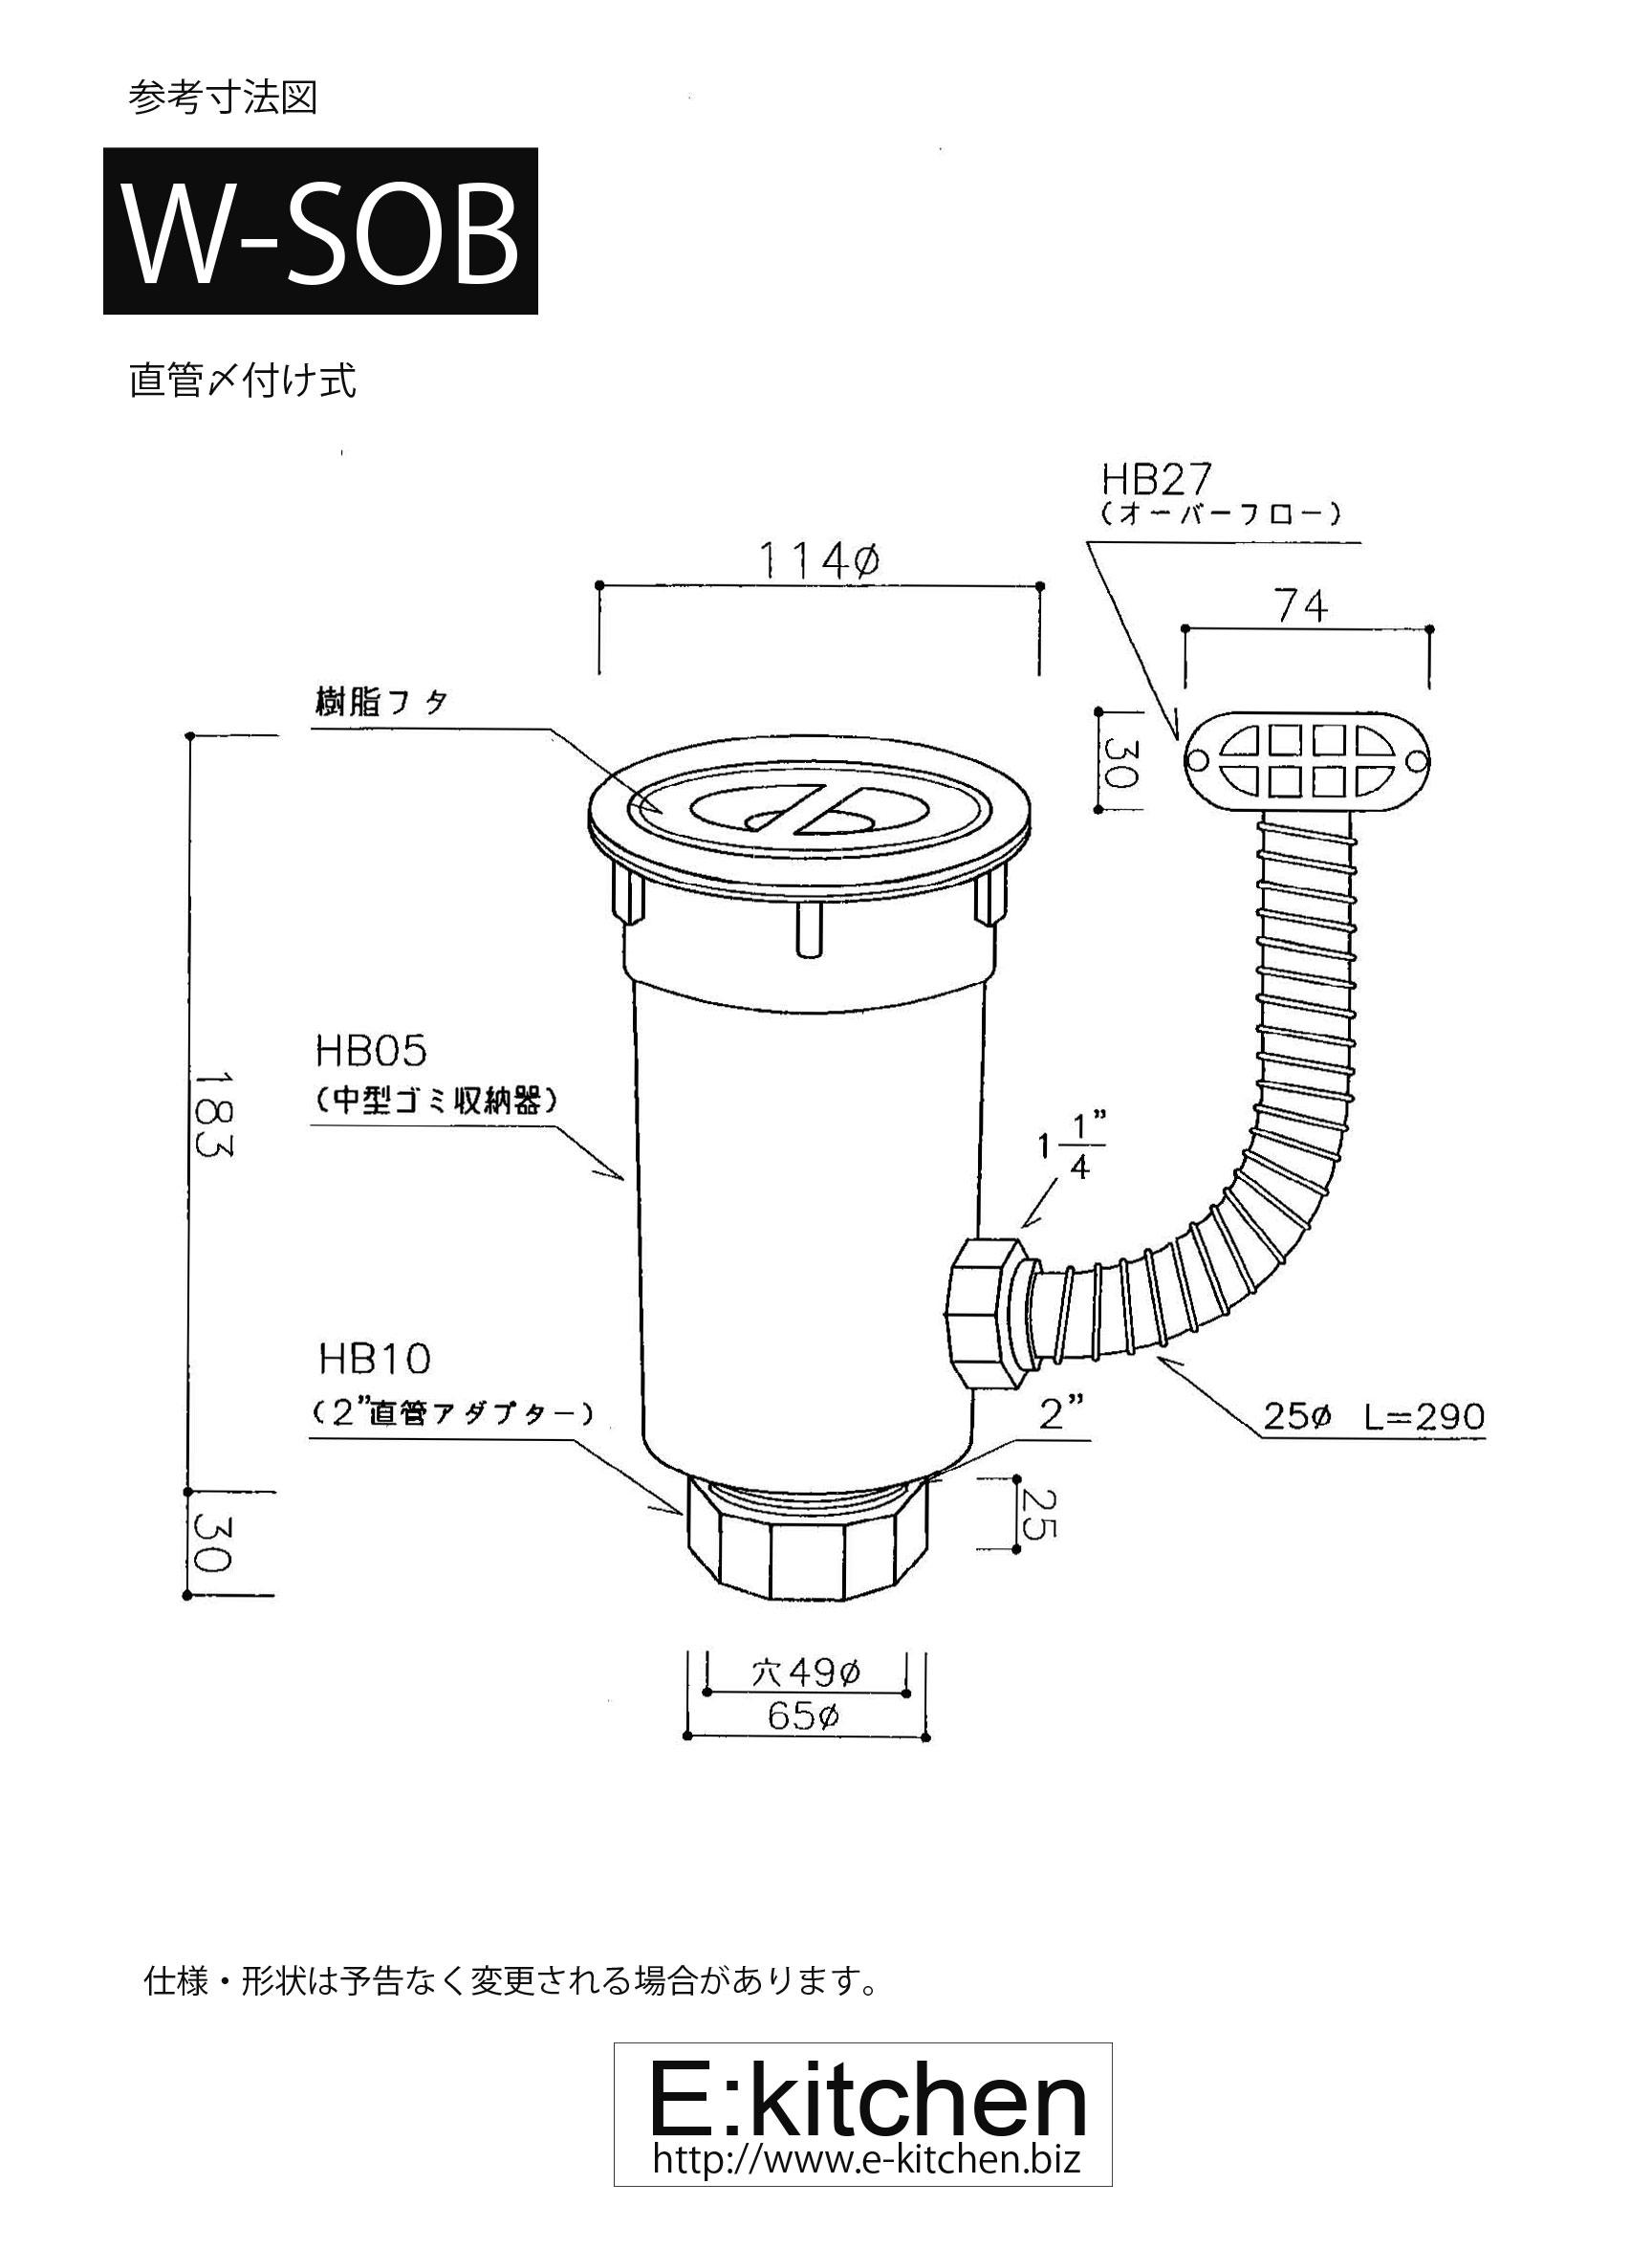 CKシリーズ 排水部品S-SOB